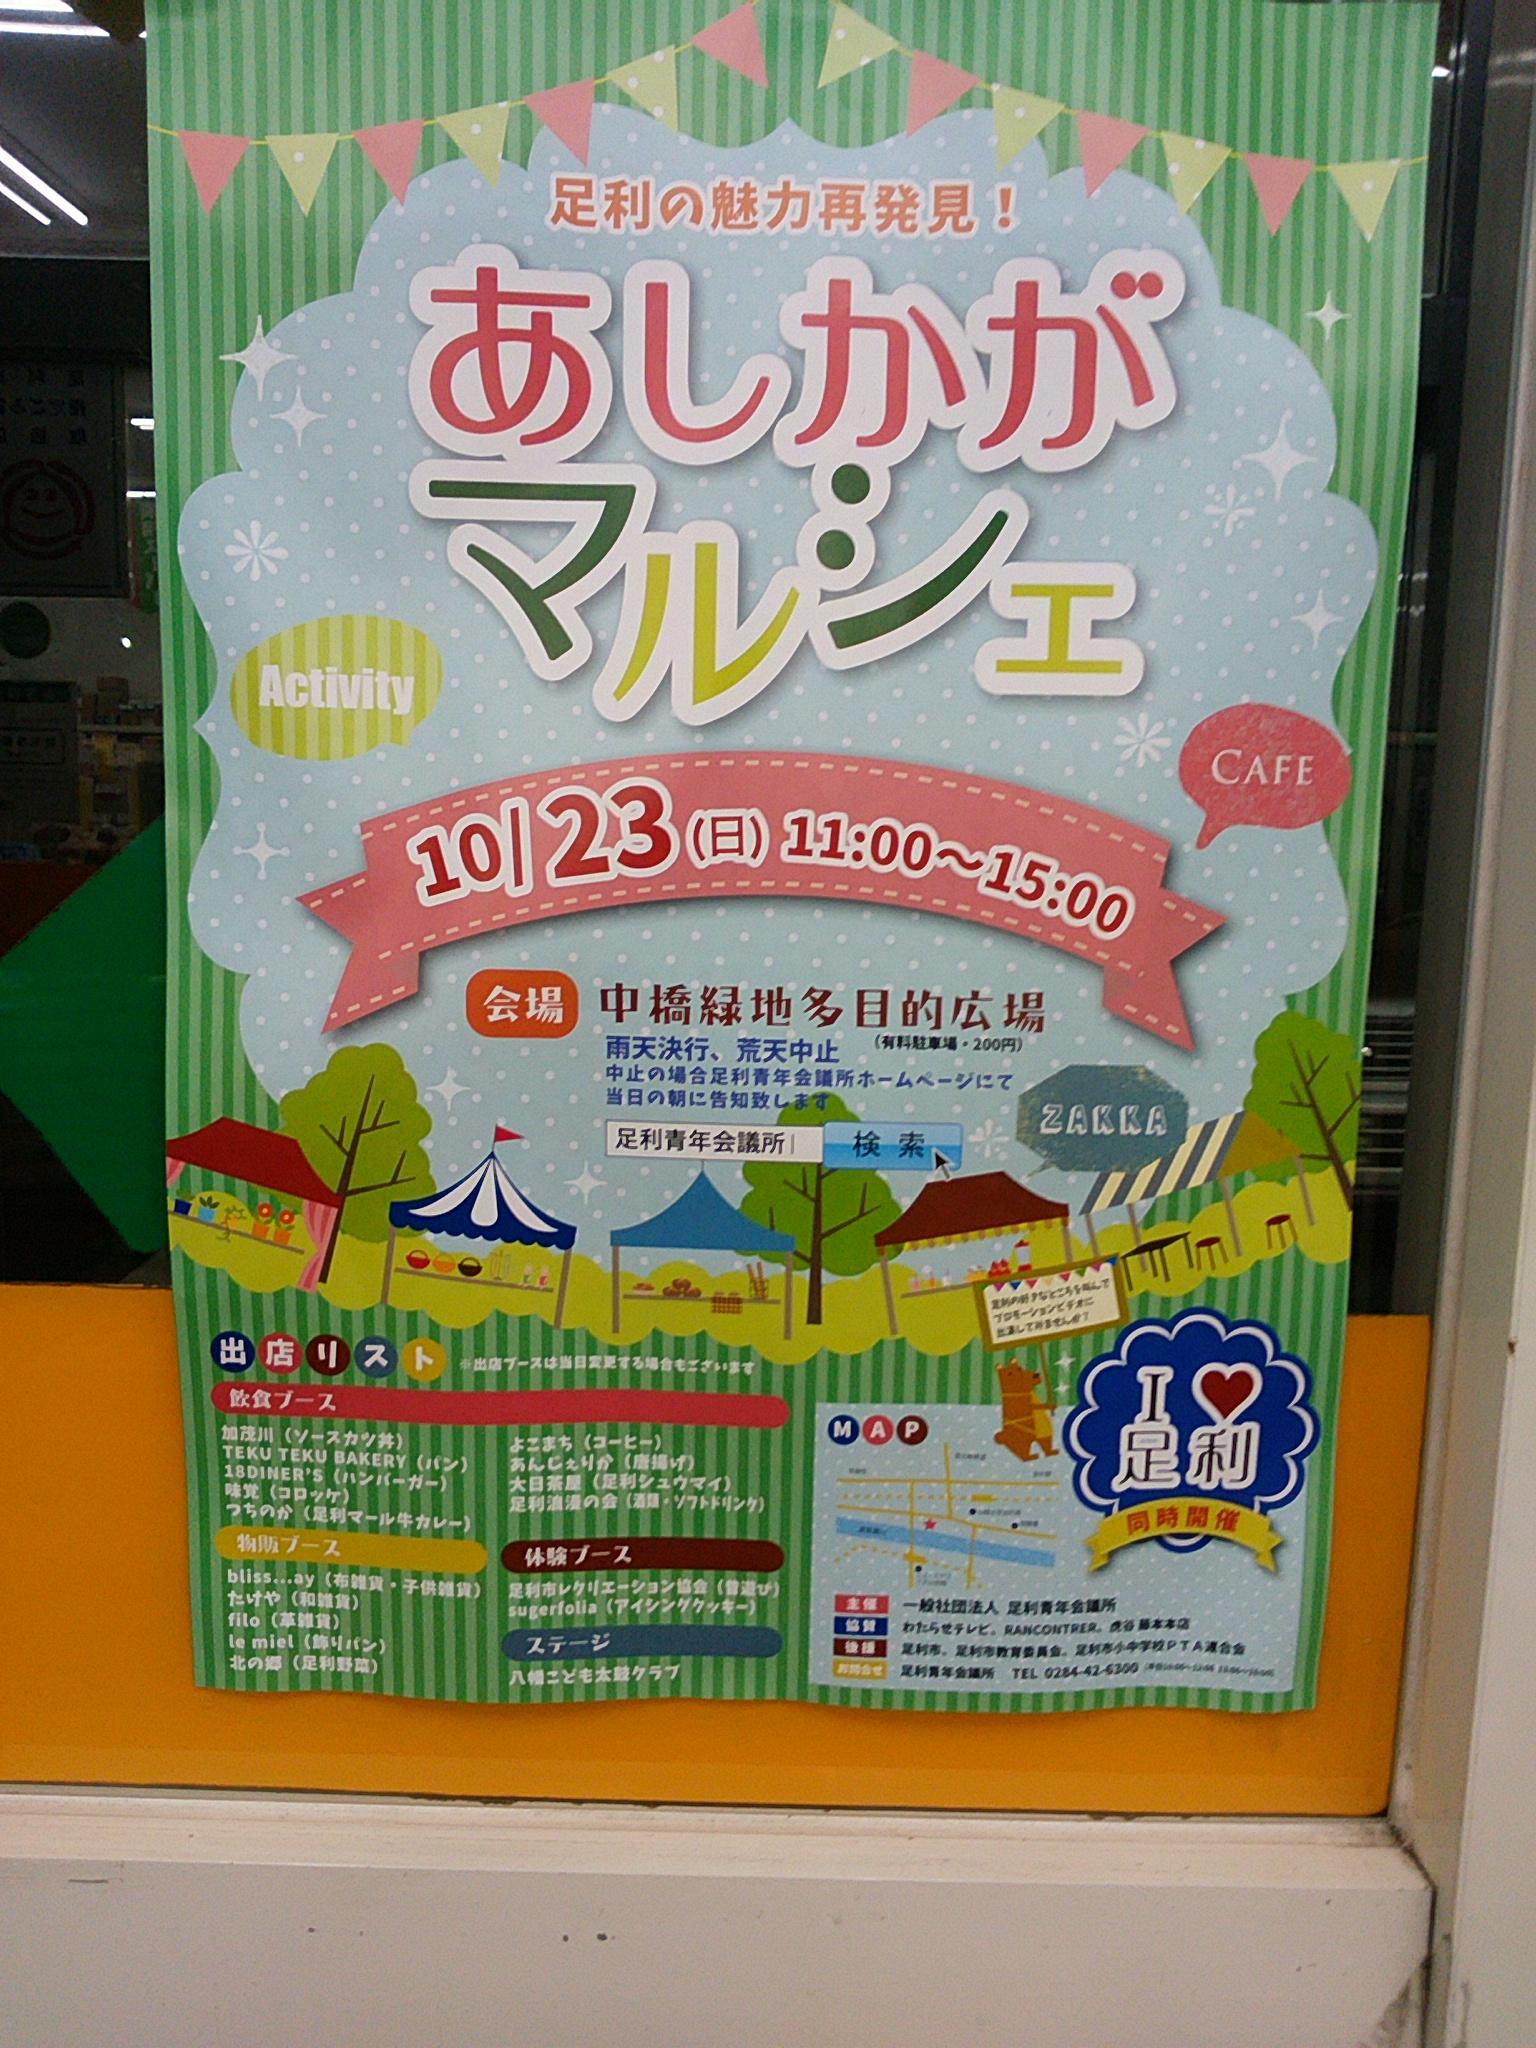 10月23日『足利で屋台イベント』があるよ!